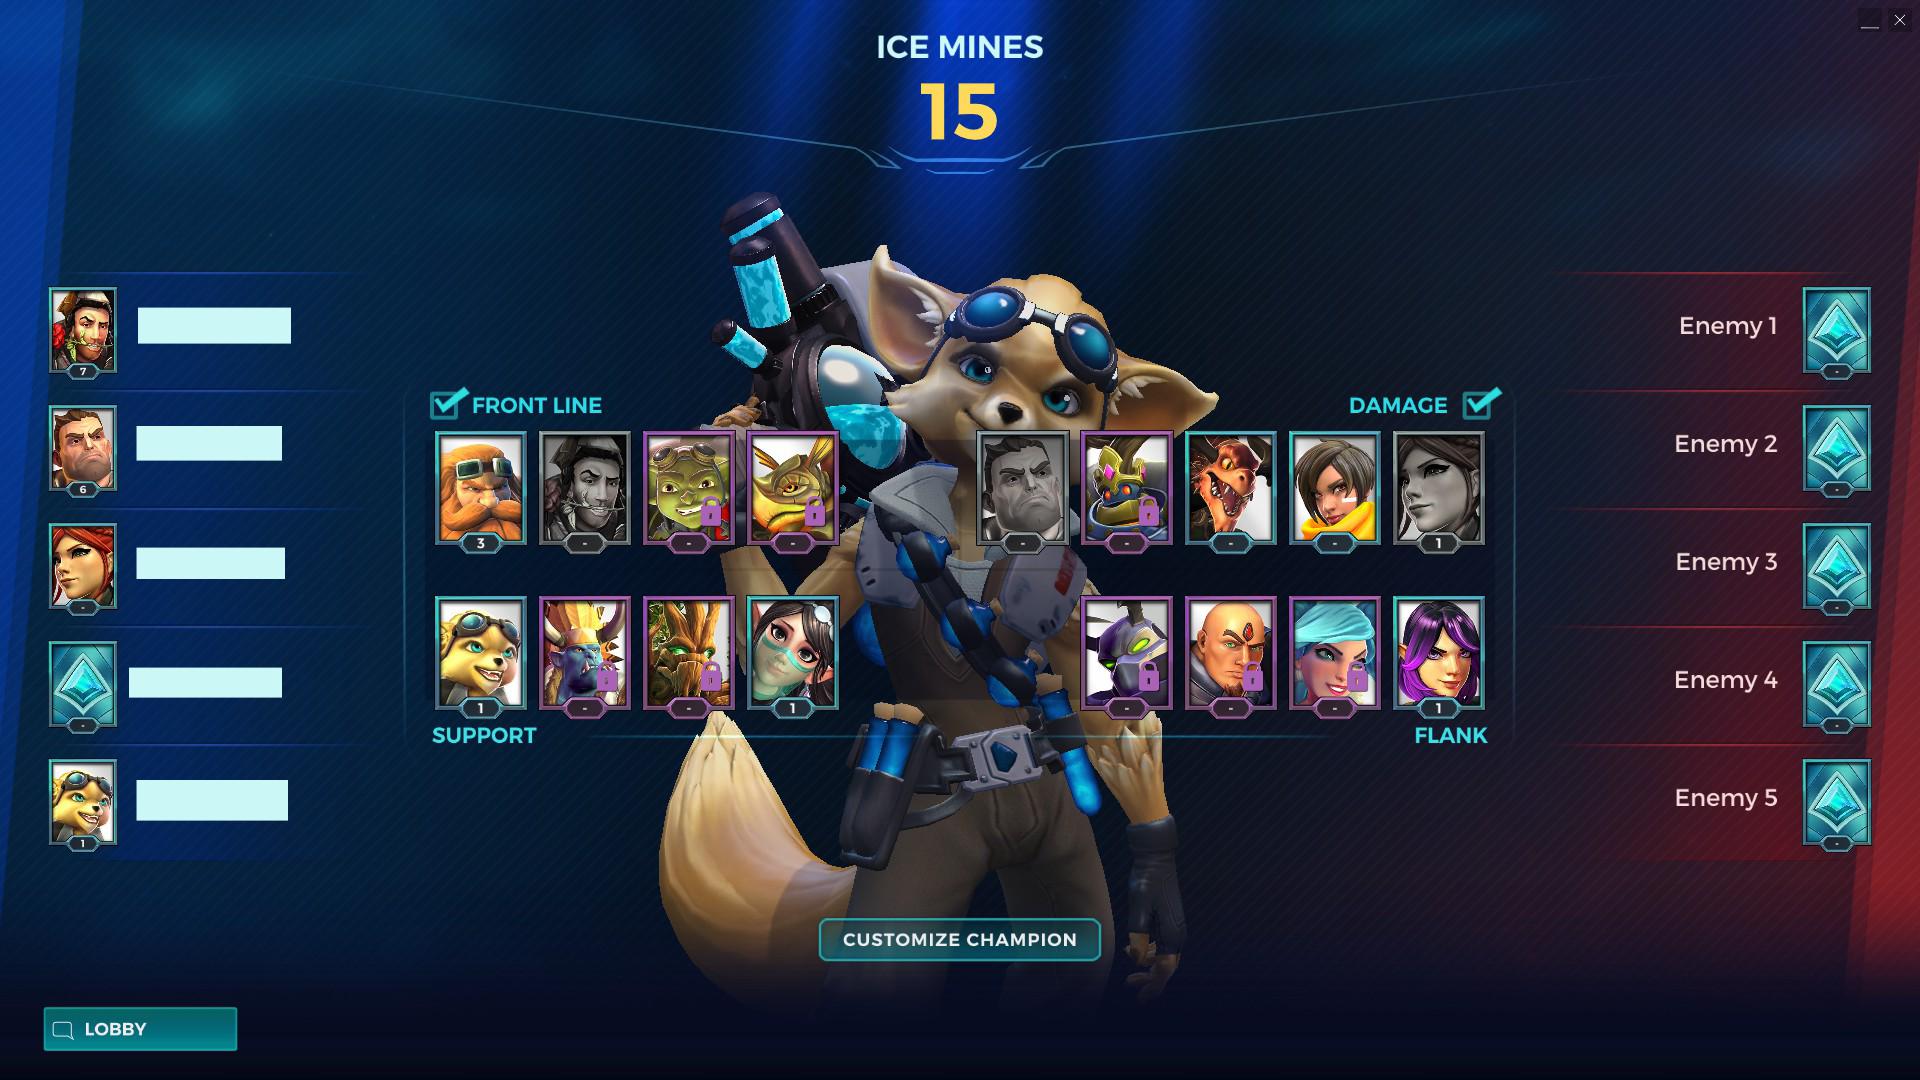 L'écran de séléction des personnages ne montre que leur apparence.